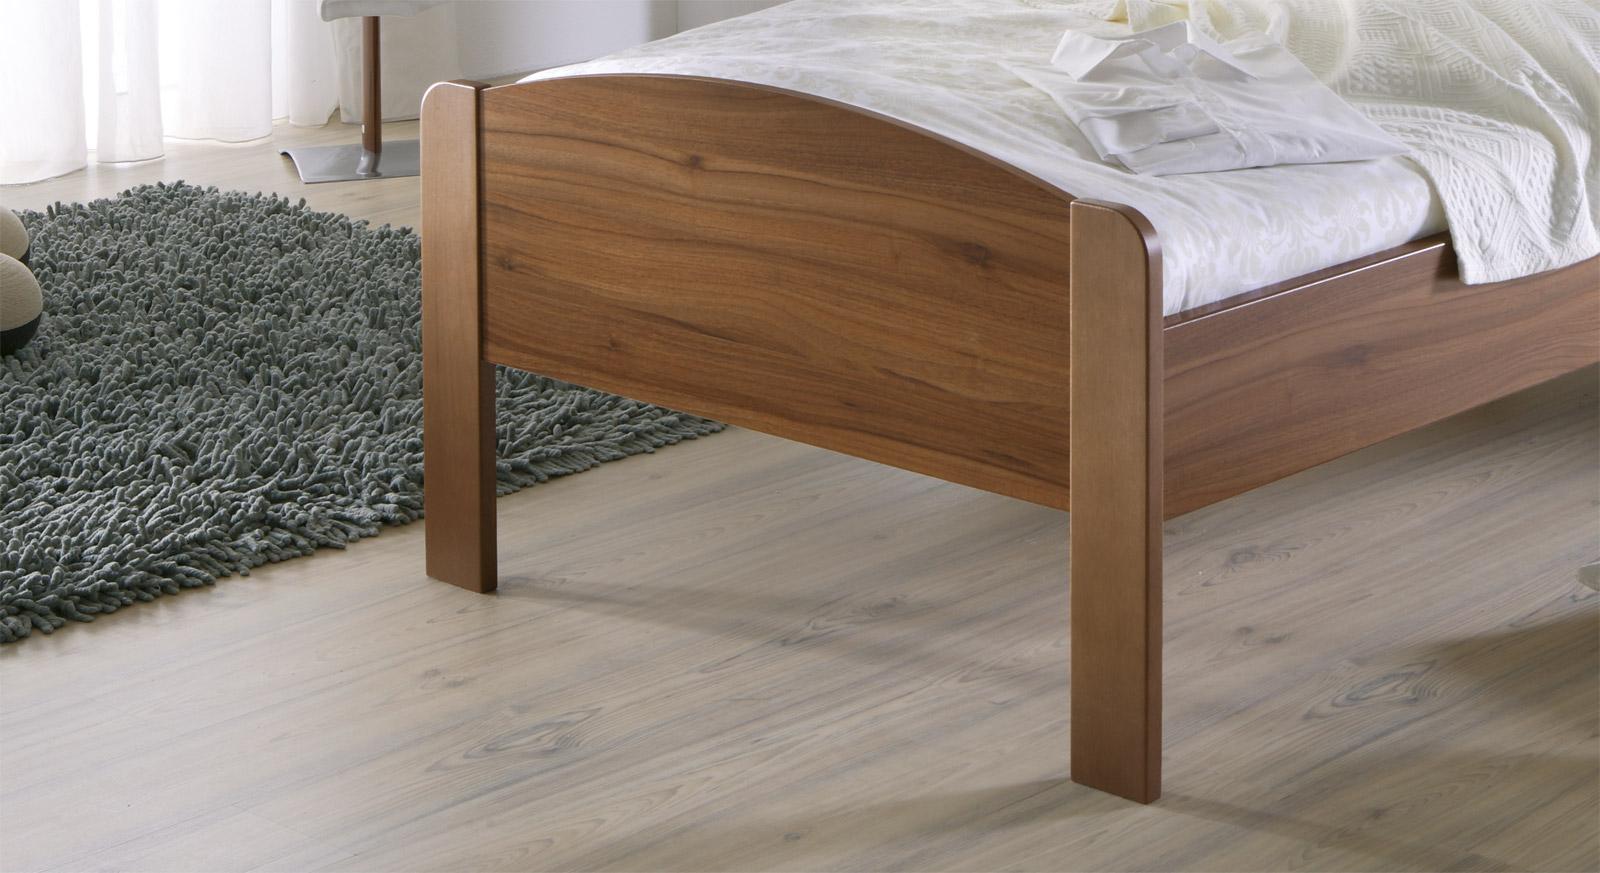 Schlichtes Bett San Martino mit stabilem und elegantem Fußteil - hier in Nussbaum Dekor.